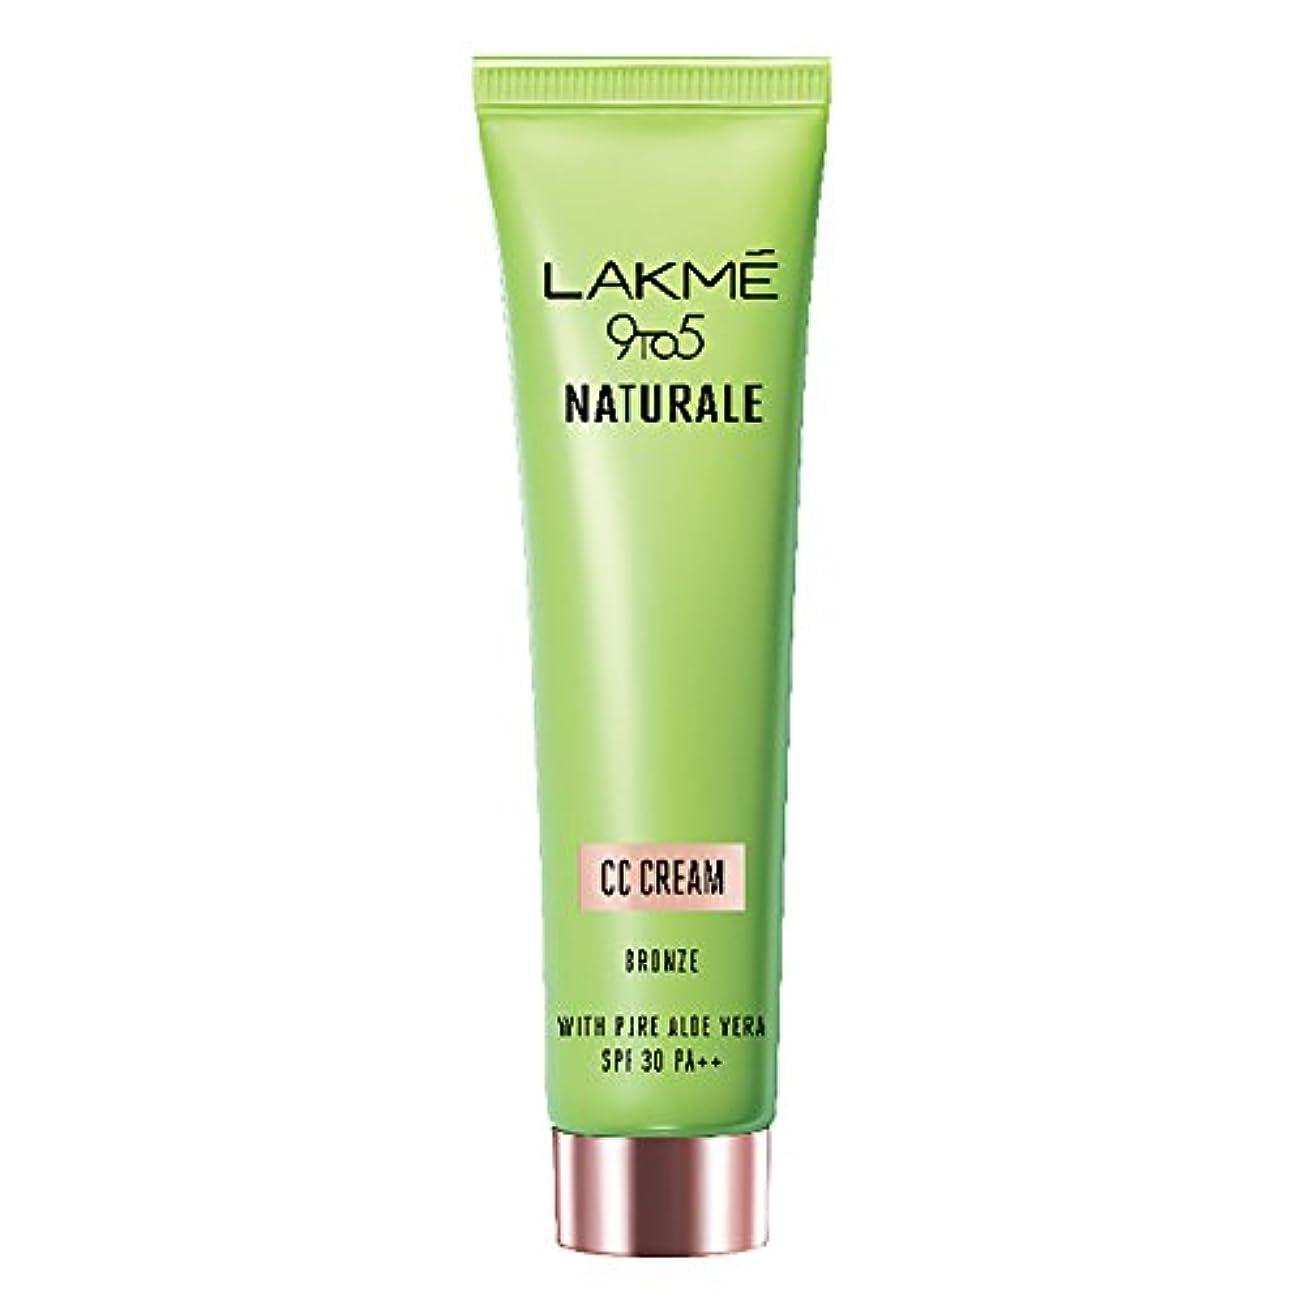 惨めなスパイ煙突Lakme 9 to 5 Naturale CC Cream, Bronze, 30g